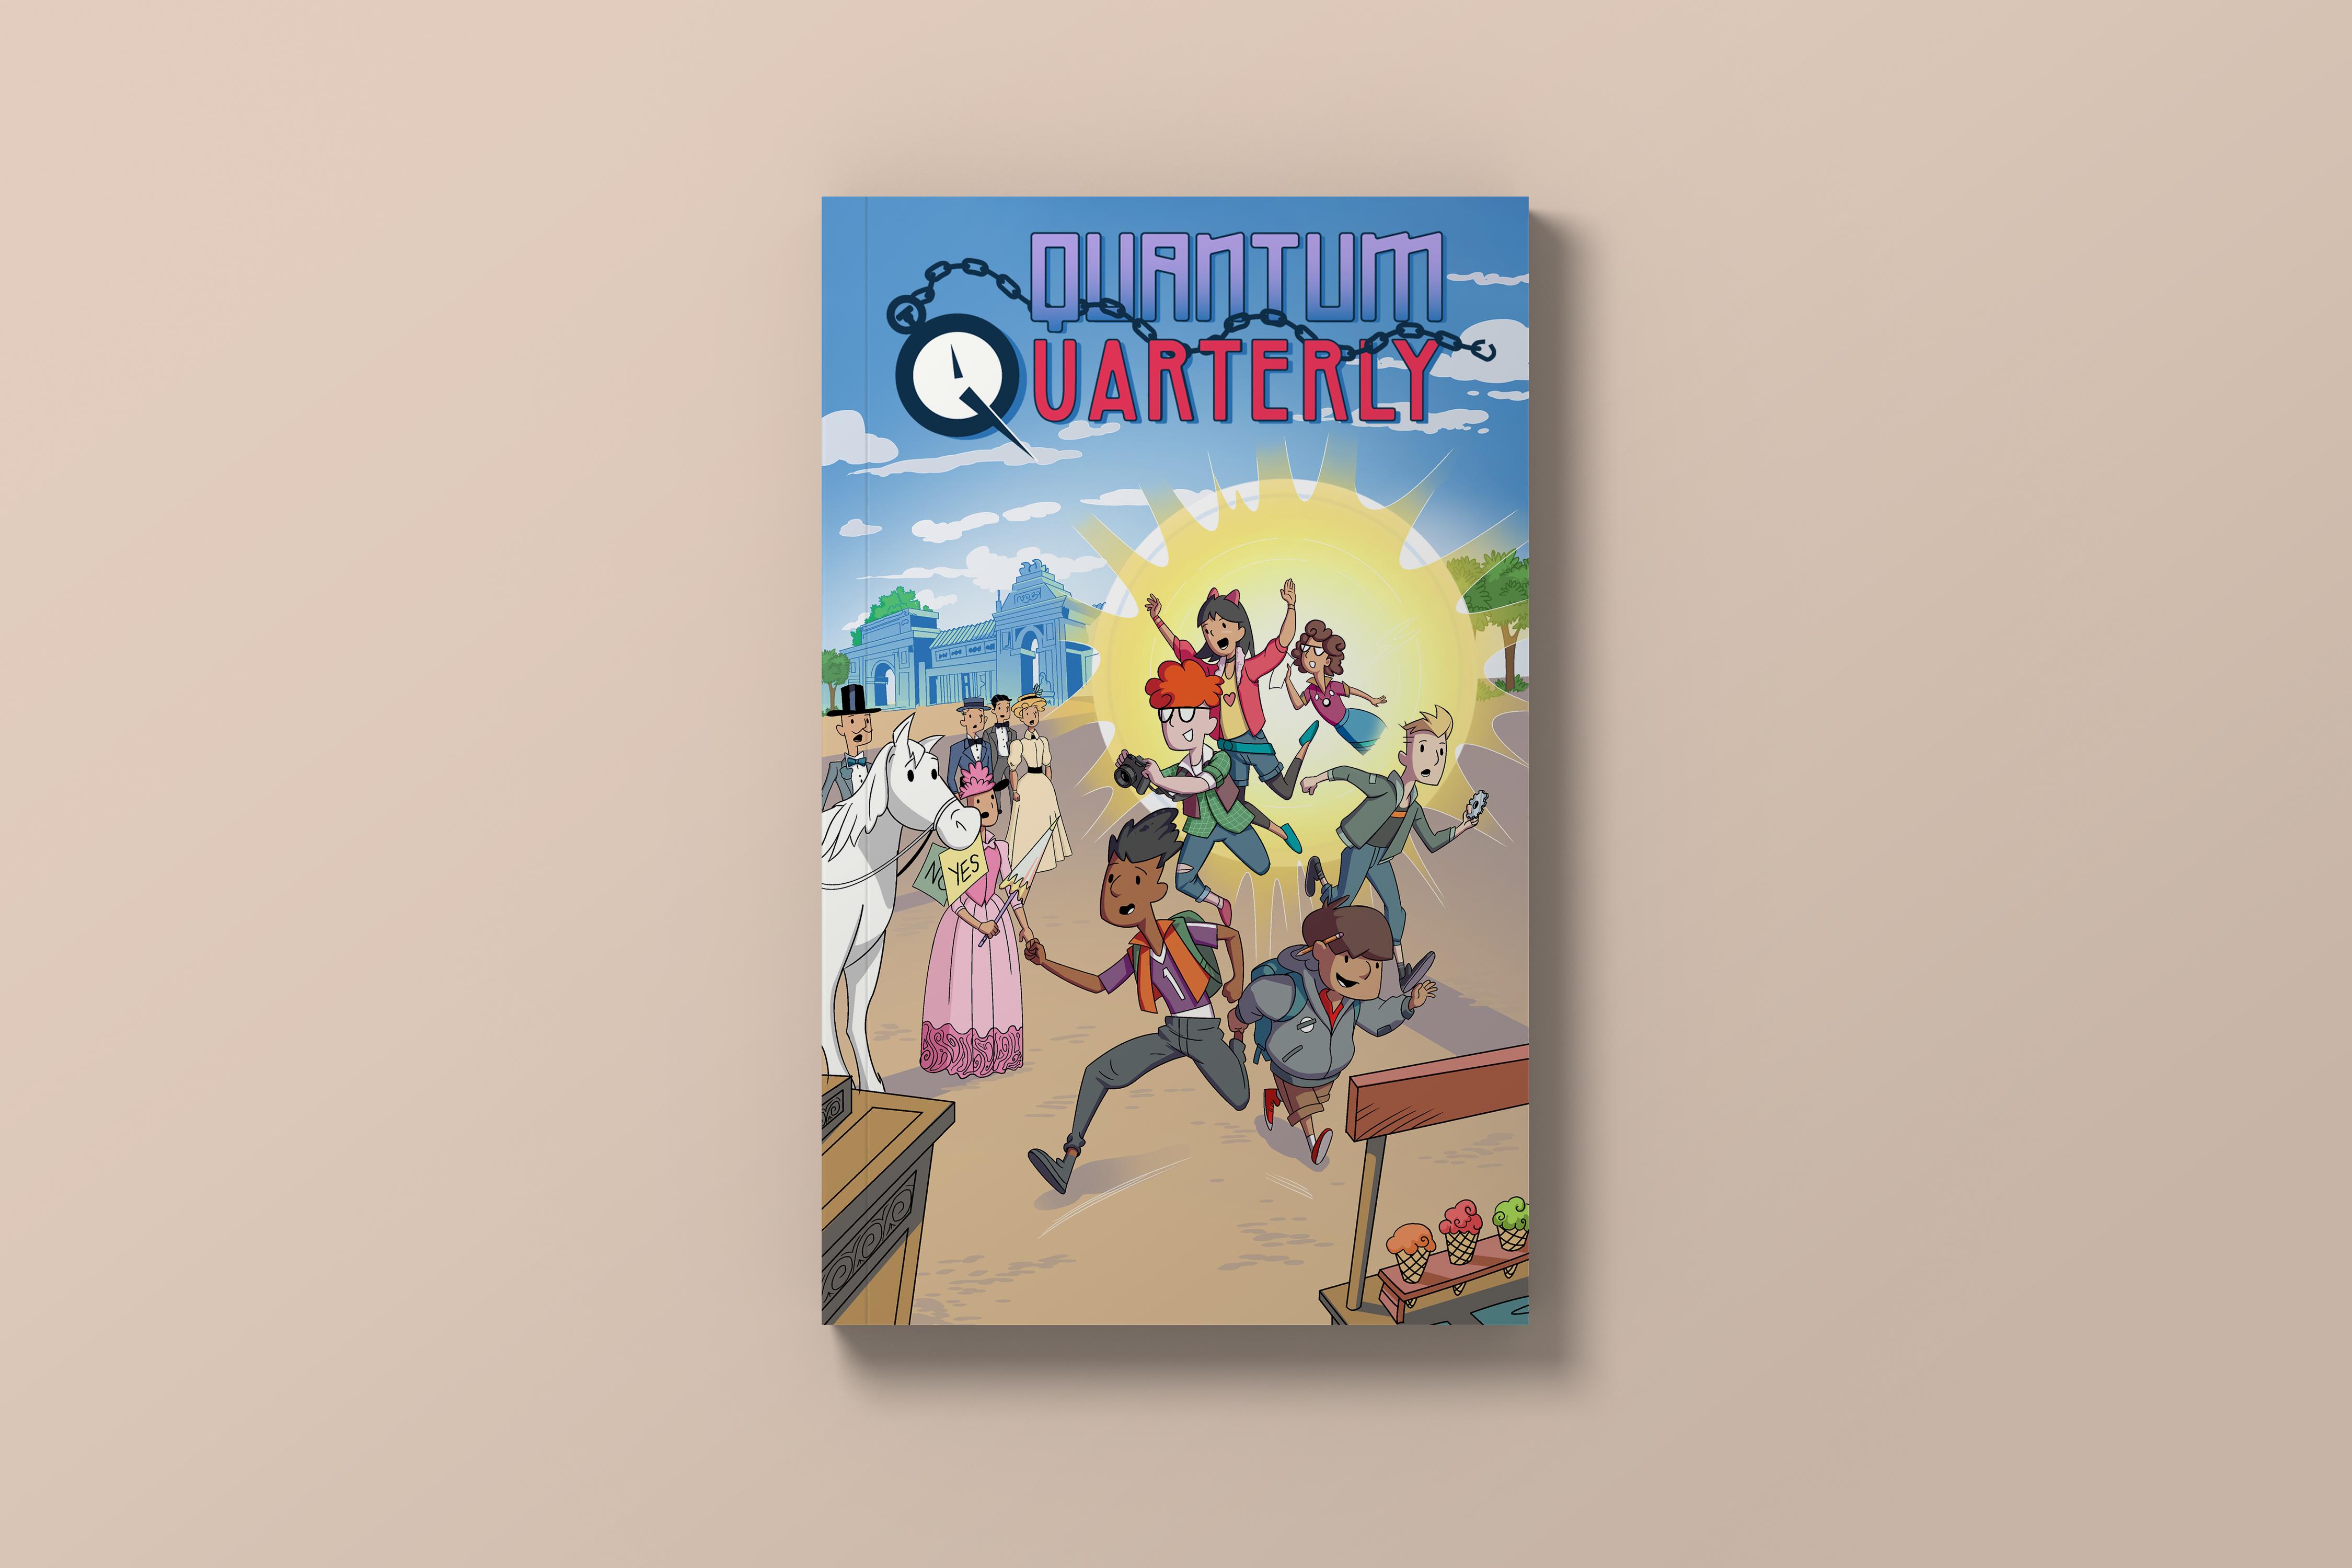 Quantum Quarterly